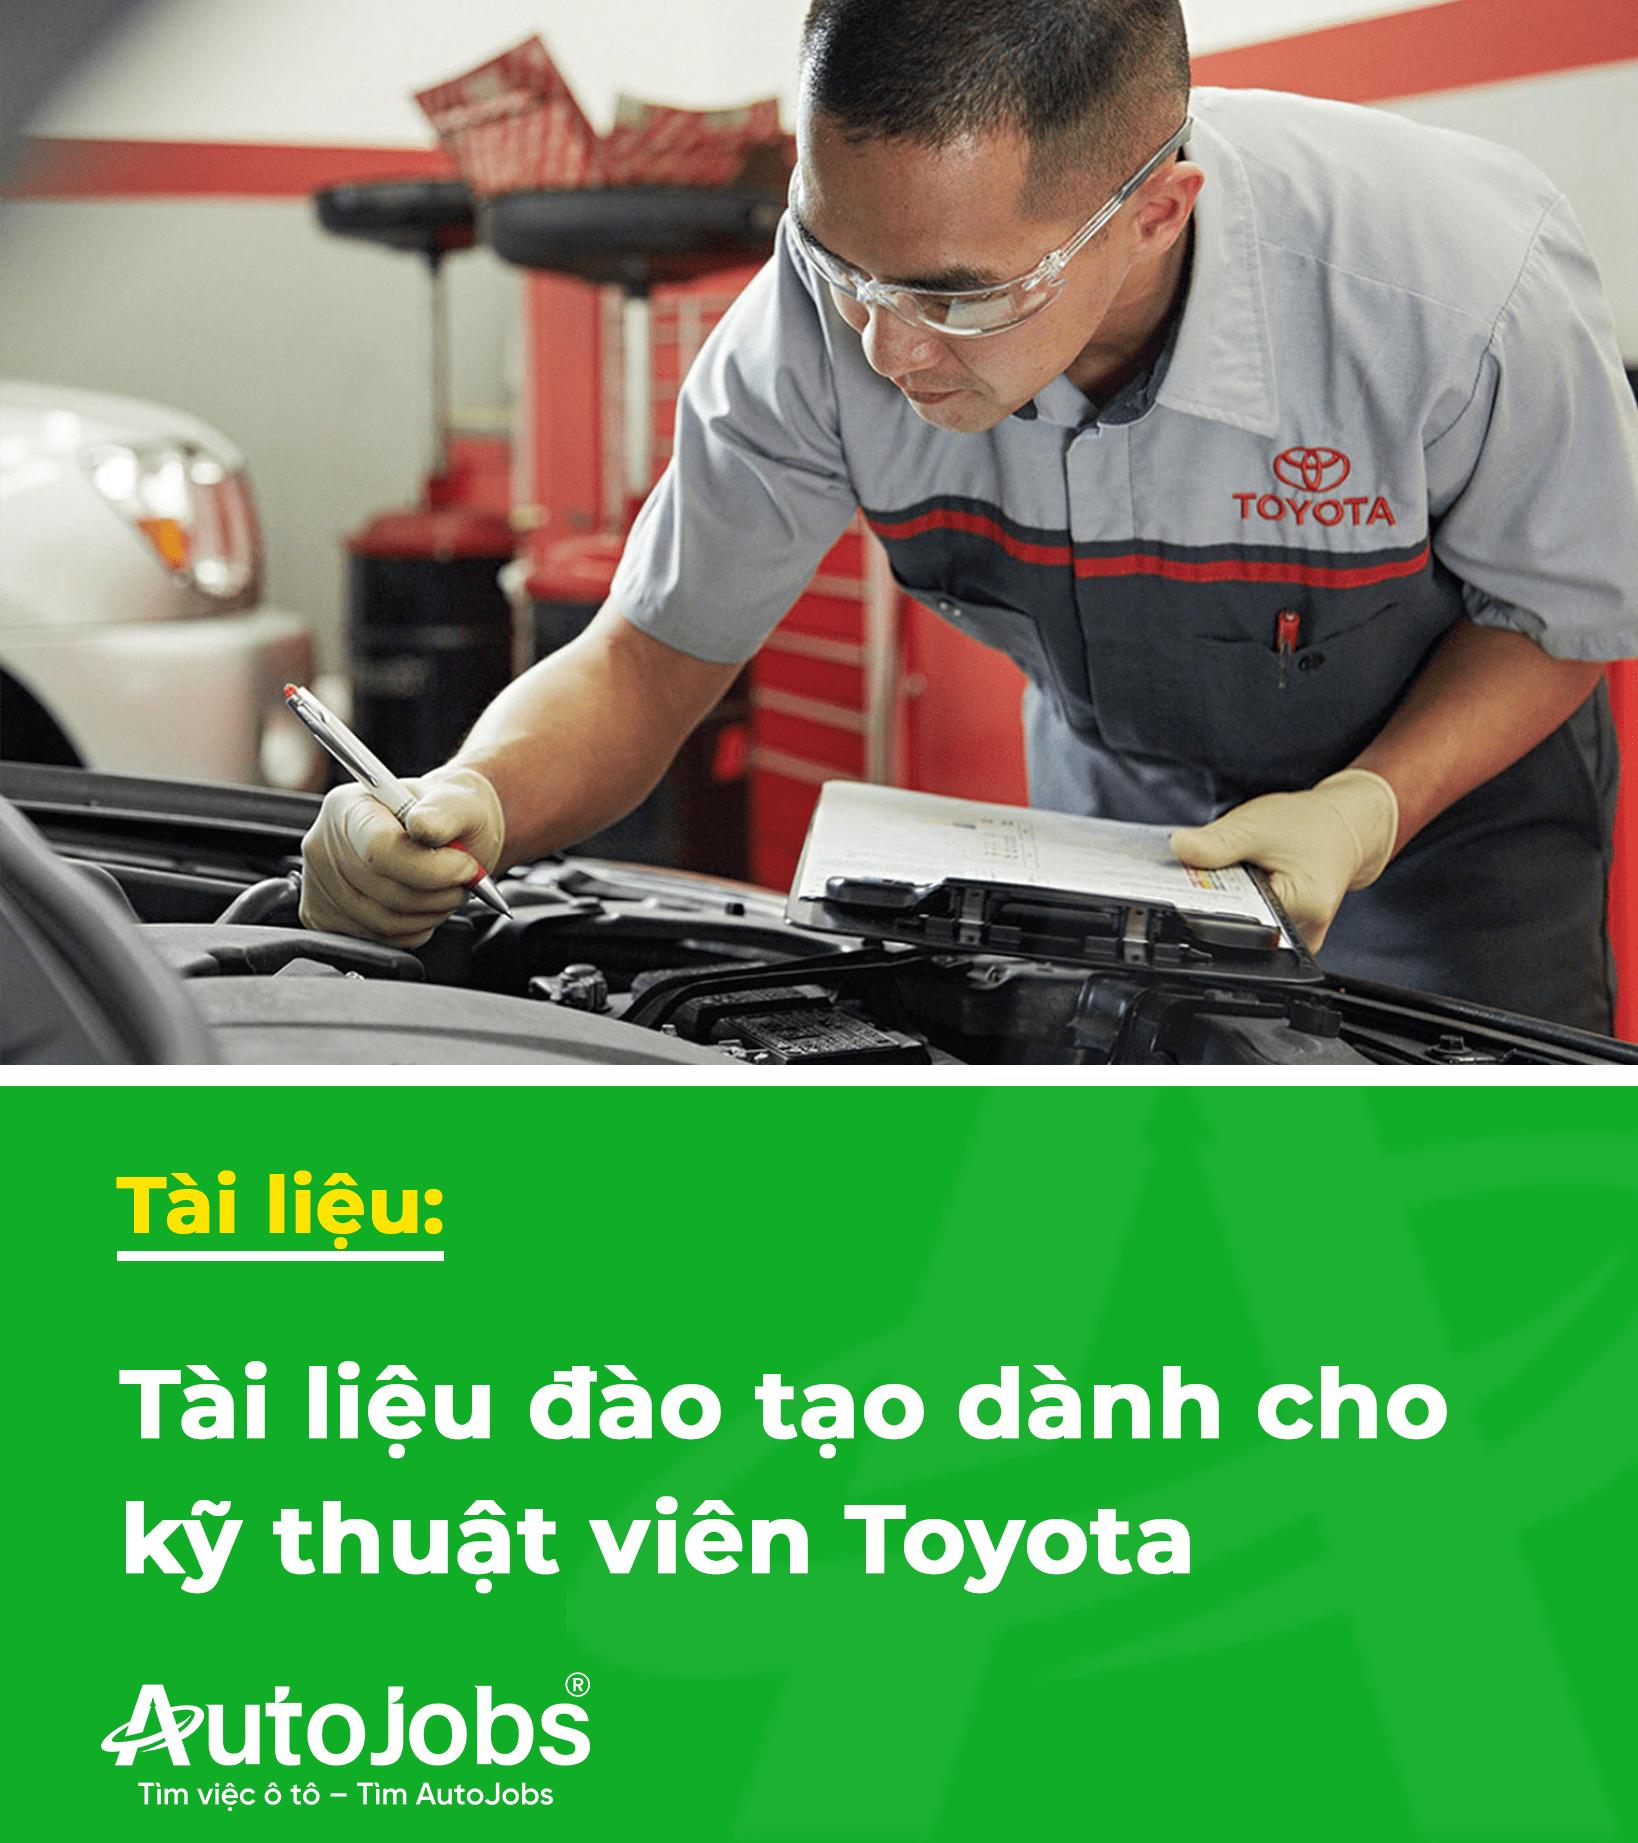 tai-lieu-dao-tao-ky-thuat-vien-toyota-autojobs.png